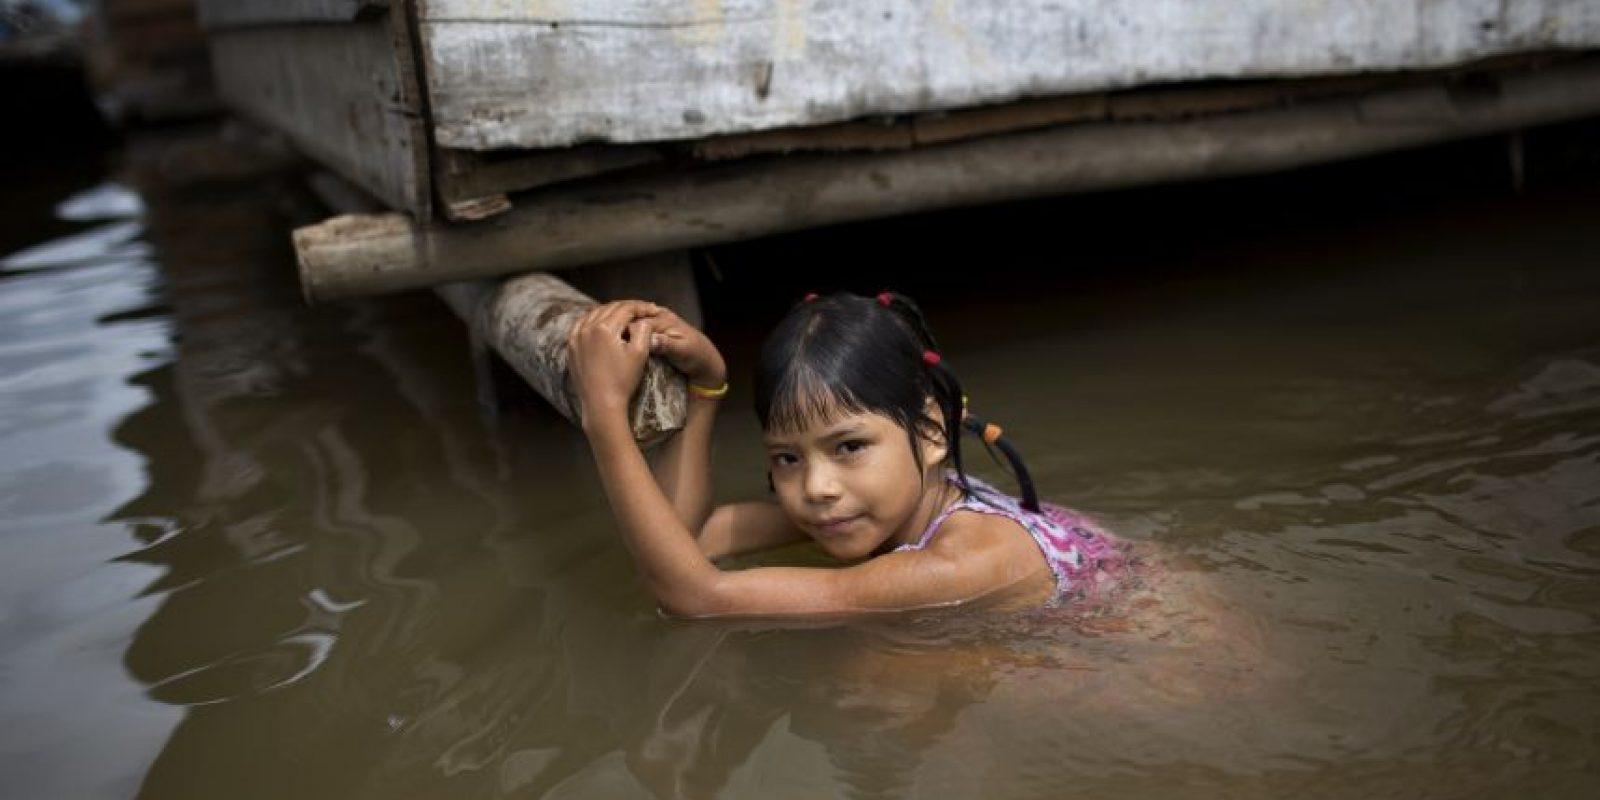 """En esta imagen del 19 de abril de 2015, una niña agarrada a los cimientos de su casa en Belén, una empobrecida comunidad peruana conocida como """"Venecia de la jungla"""" en Iquitos, Perú. Los chicos en edad escolar van a clase en pequeñas embarcacioens, y a menudo nadan y juegan en el agua tras llegar a casa. Foto:AP/ Rodrigo Abd"""